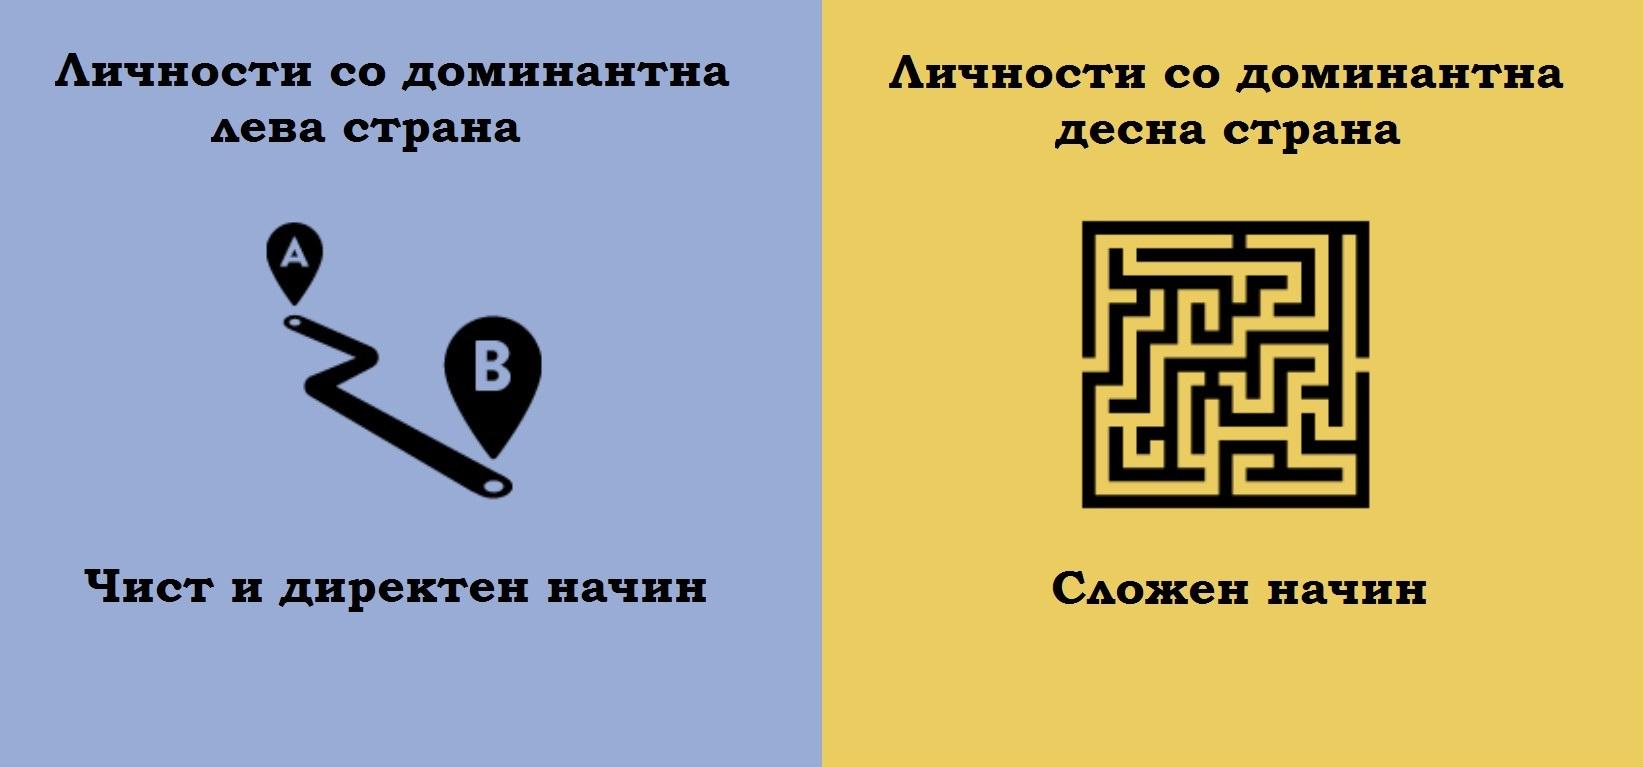 (8) 8 примери кои ја покажуваат разликата помеѓу луѓето кај кои доминира левата и оние кај кои доминира десната страна на мозокот